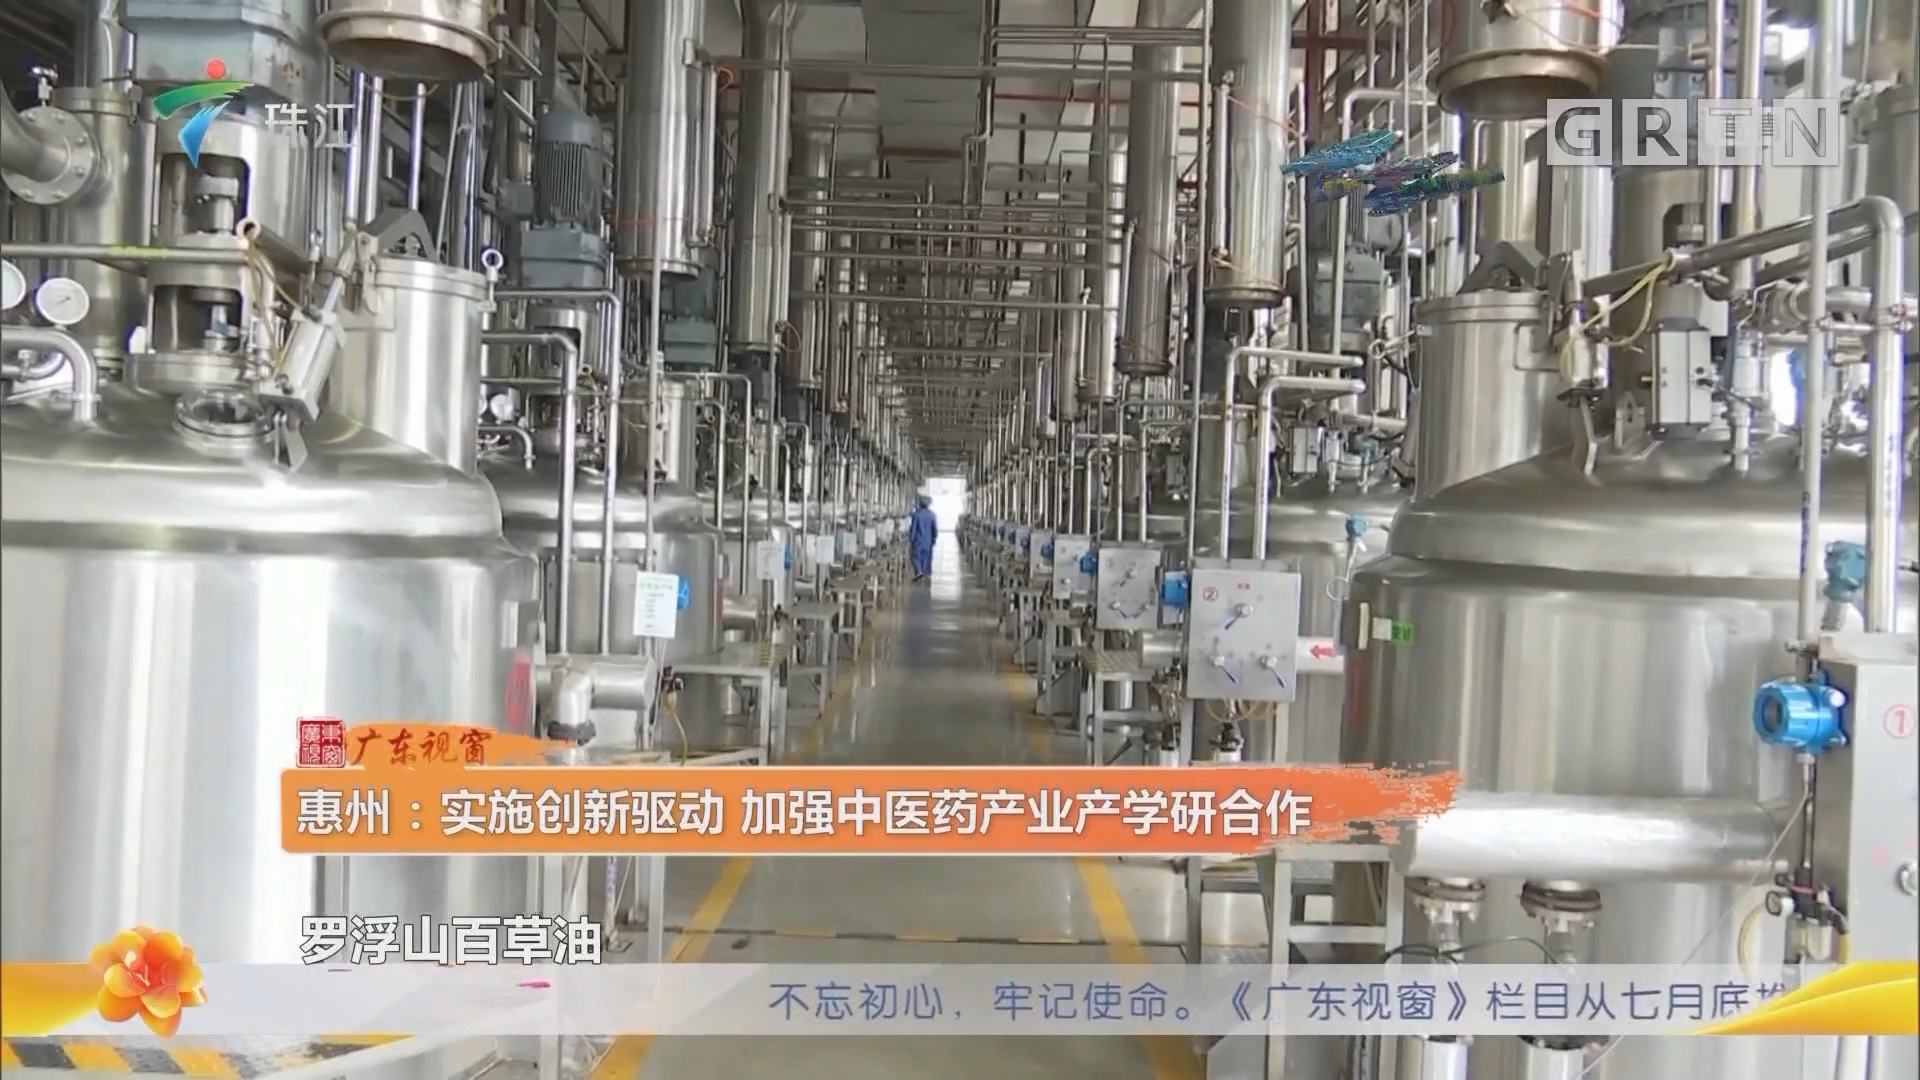 惠州:实施创新驱动 加强中医药产业产学研合作